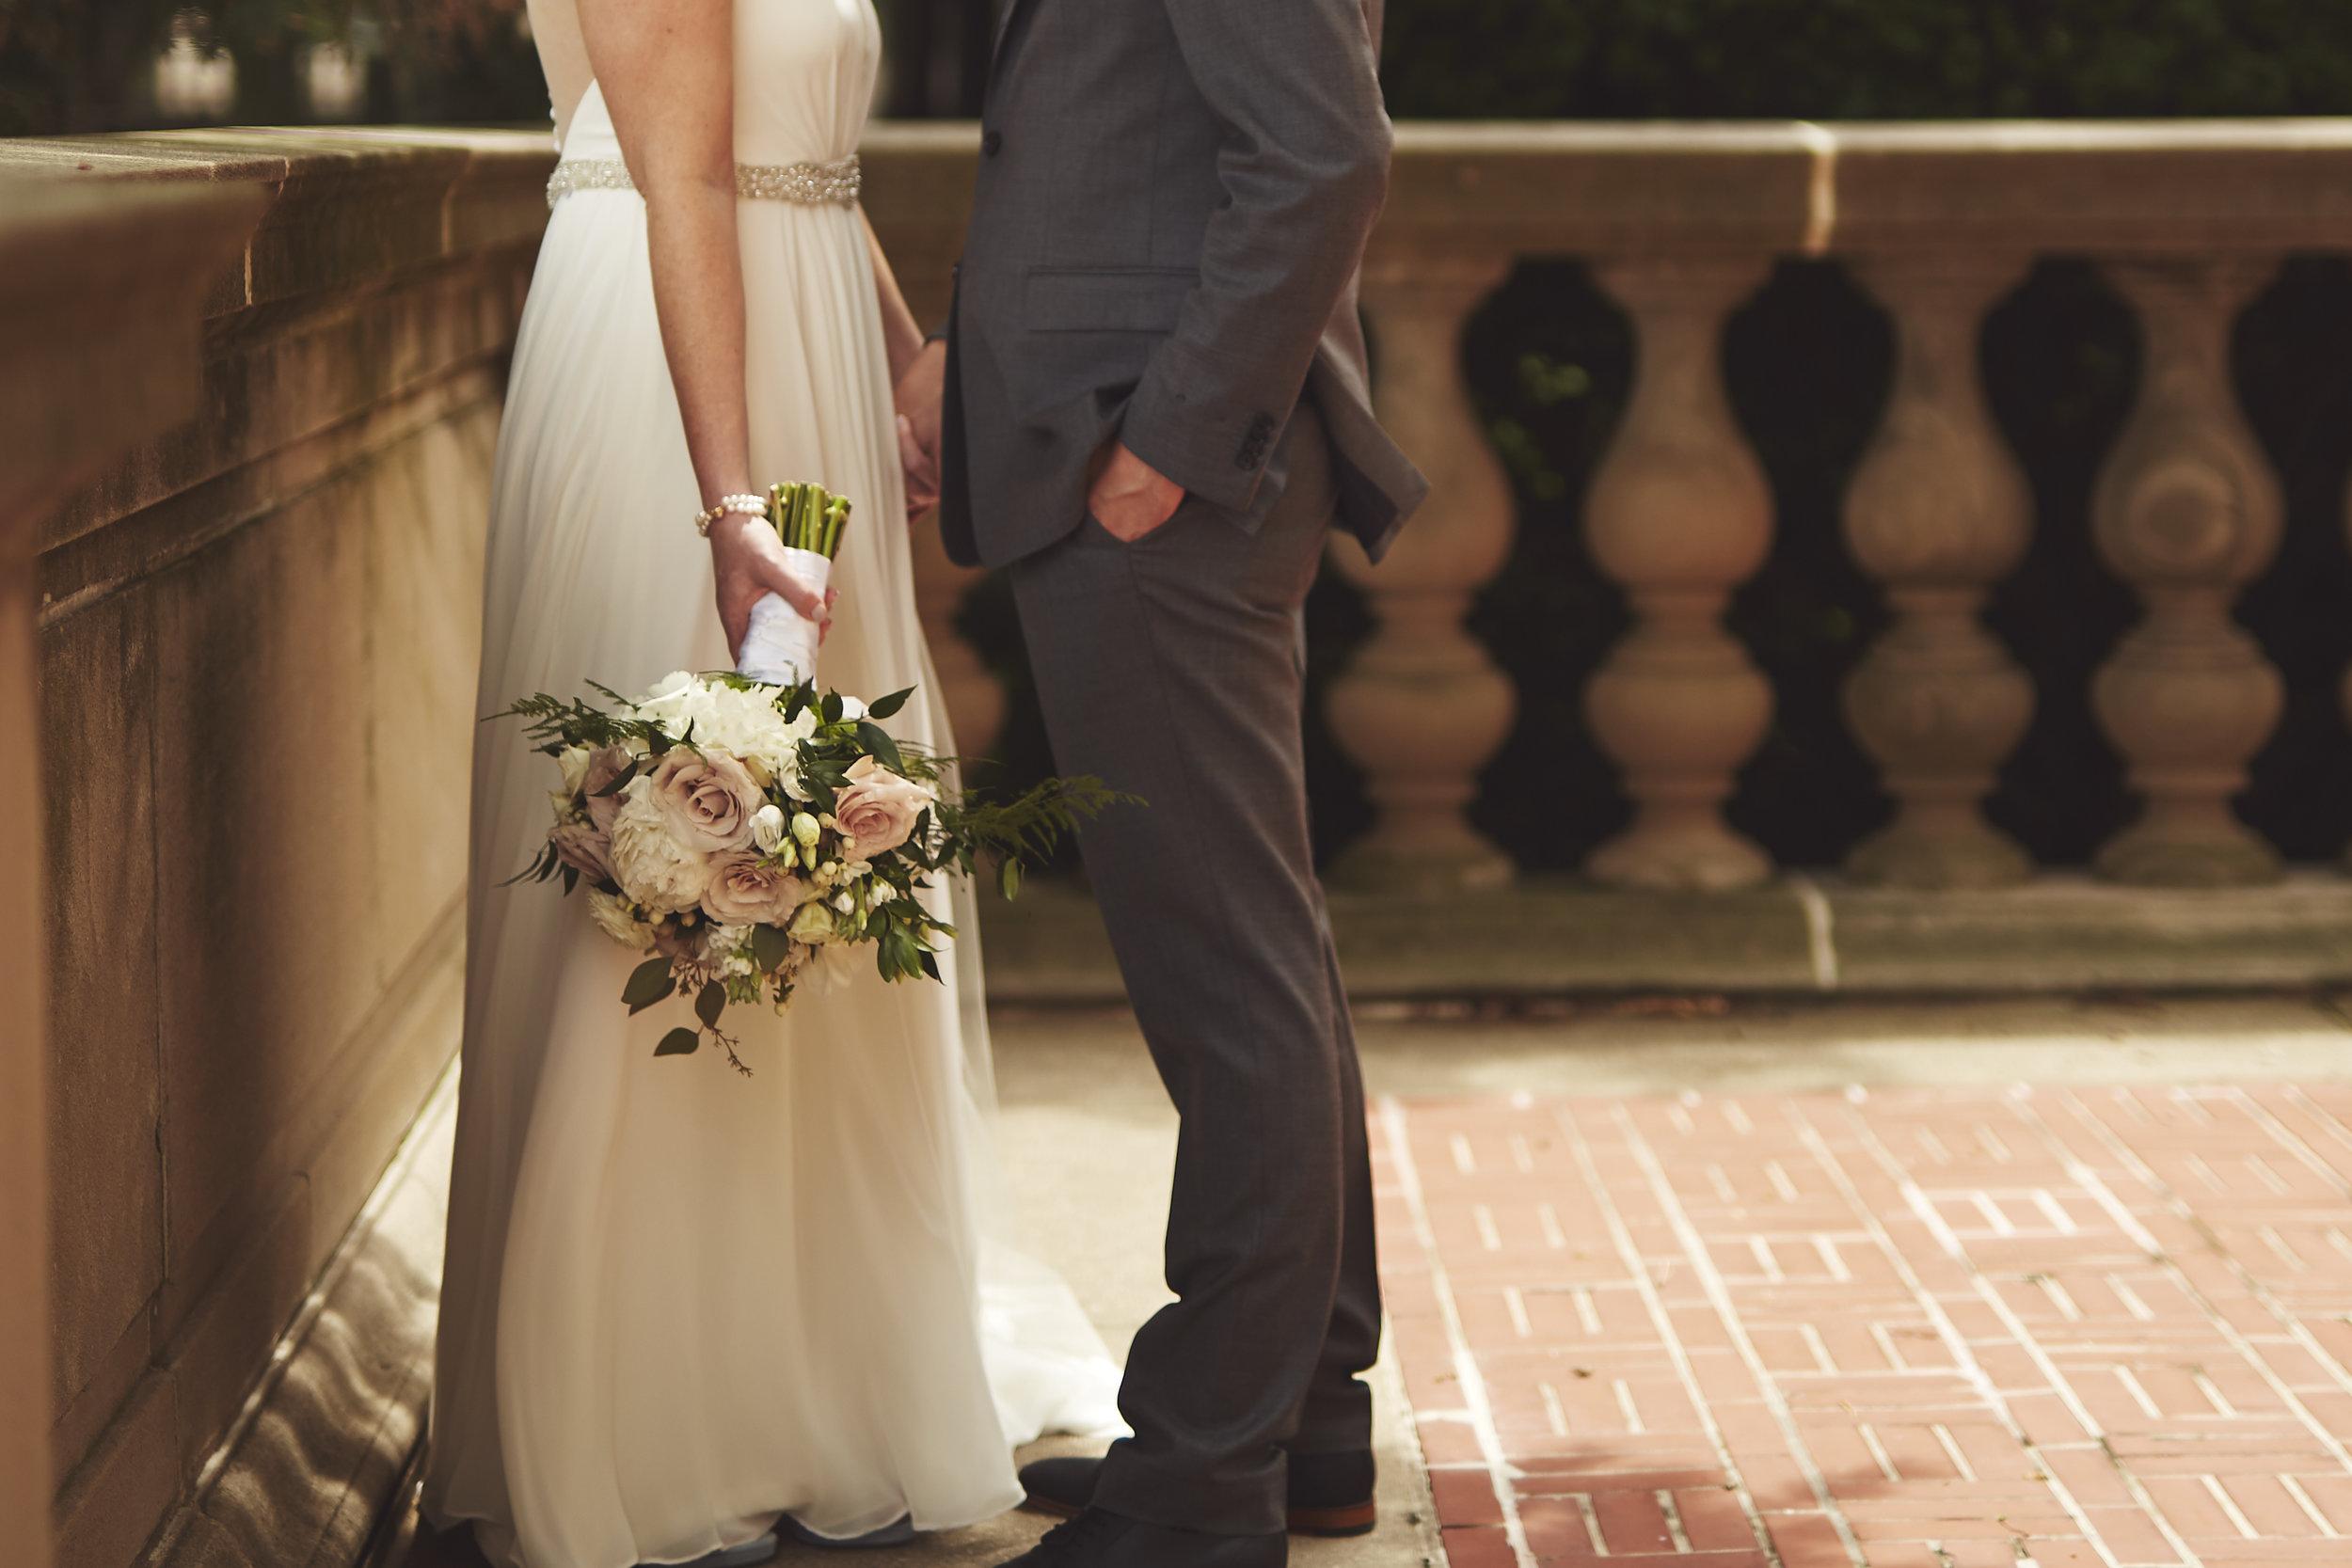 Kathleen & Troy - Ben Romang Photo - 6I5A7941.jpg